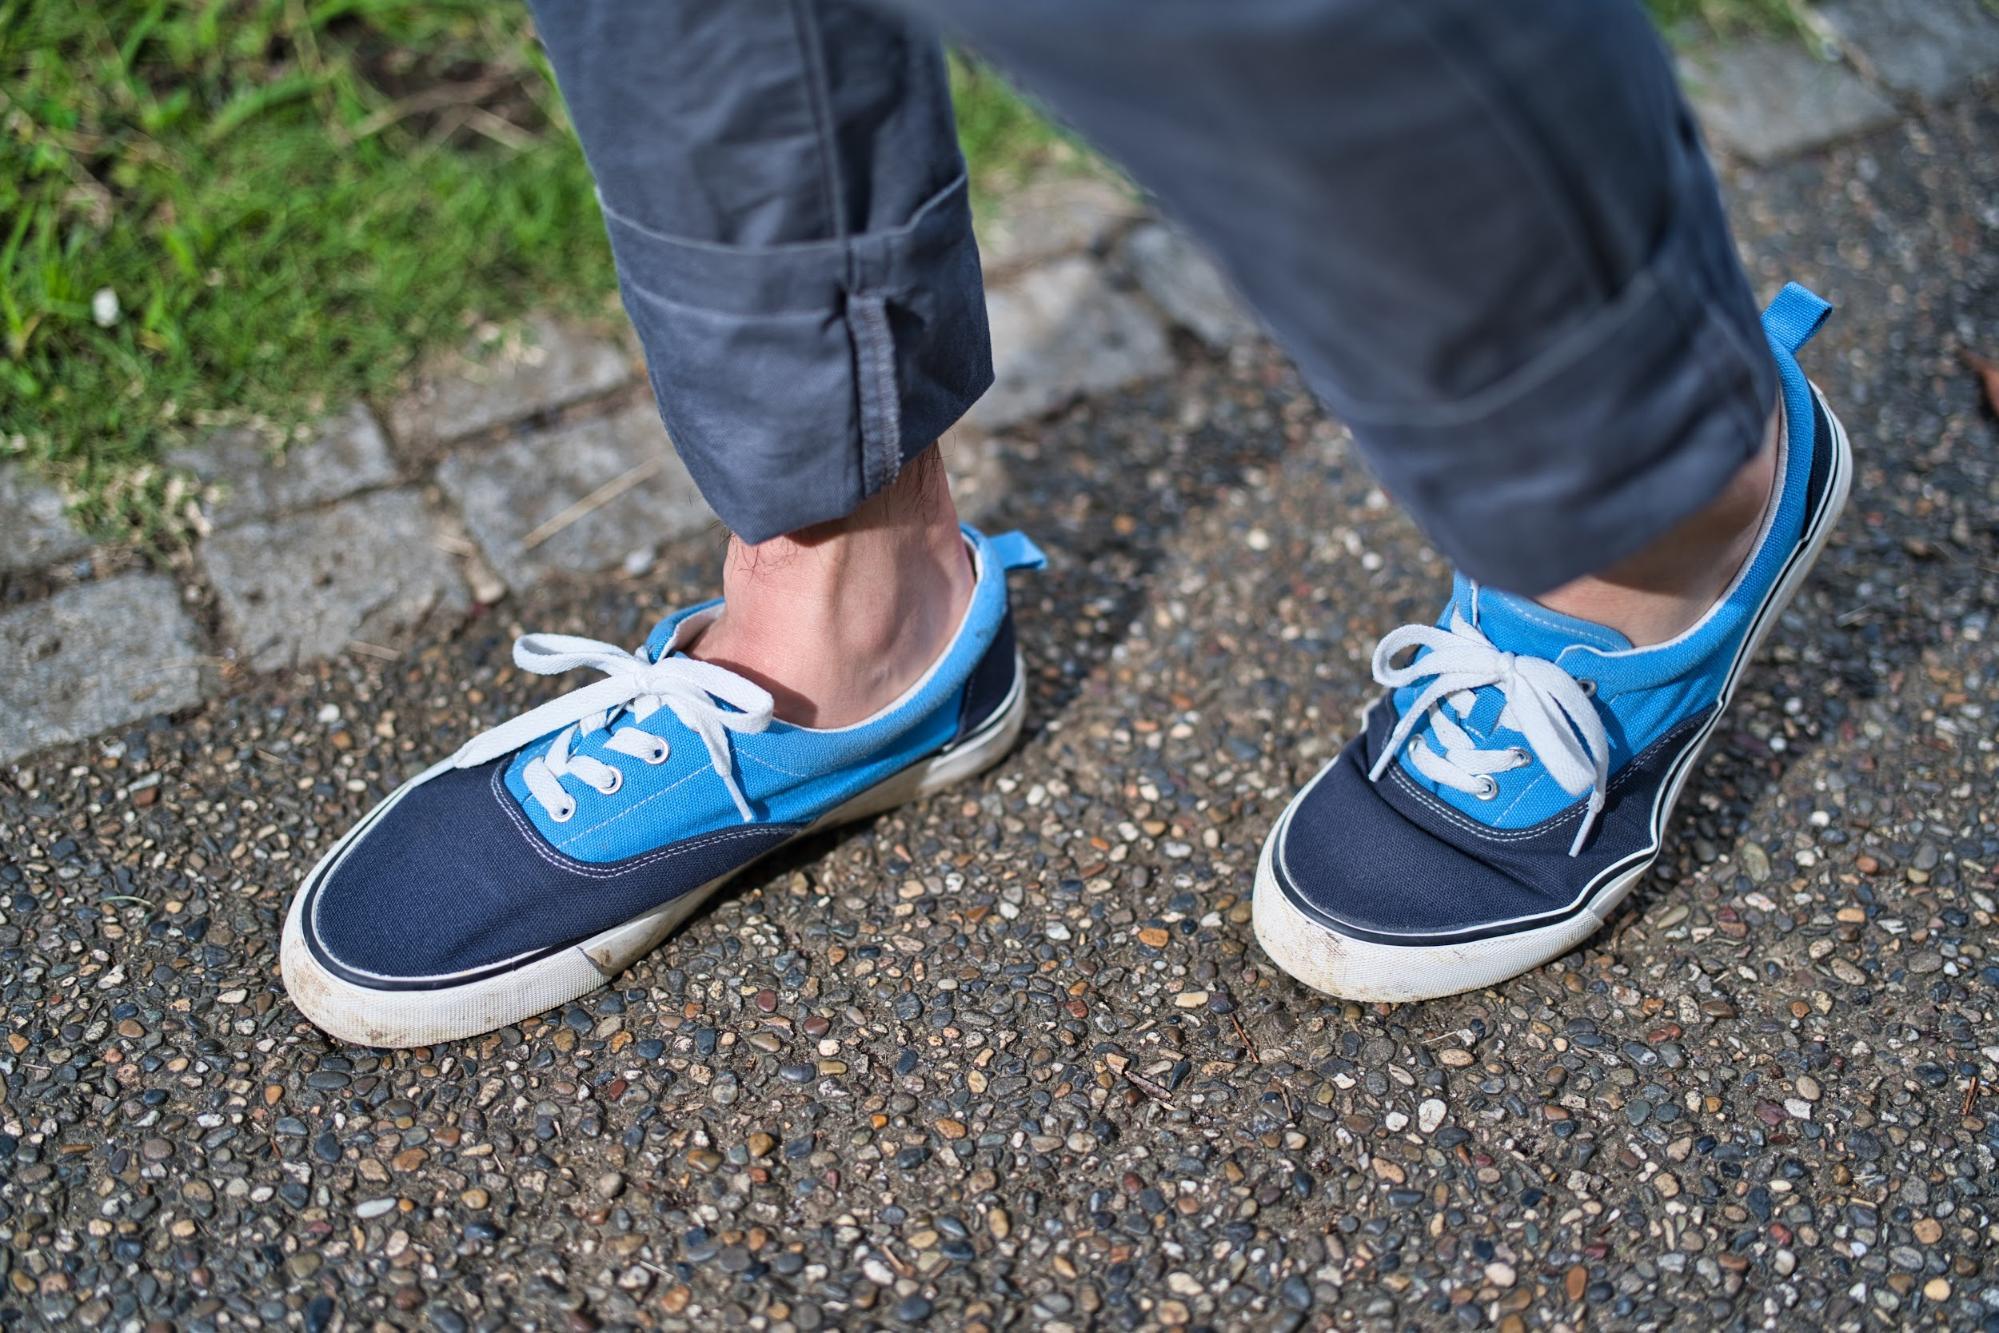 ワークマン デッキ シューズ ワークマンの釣りに最適な靴を紹介!コスパが高すぎておすすめ